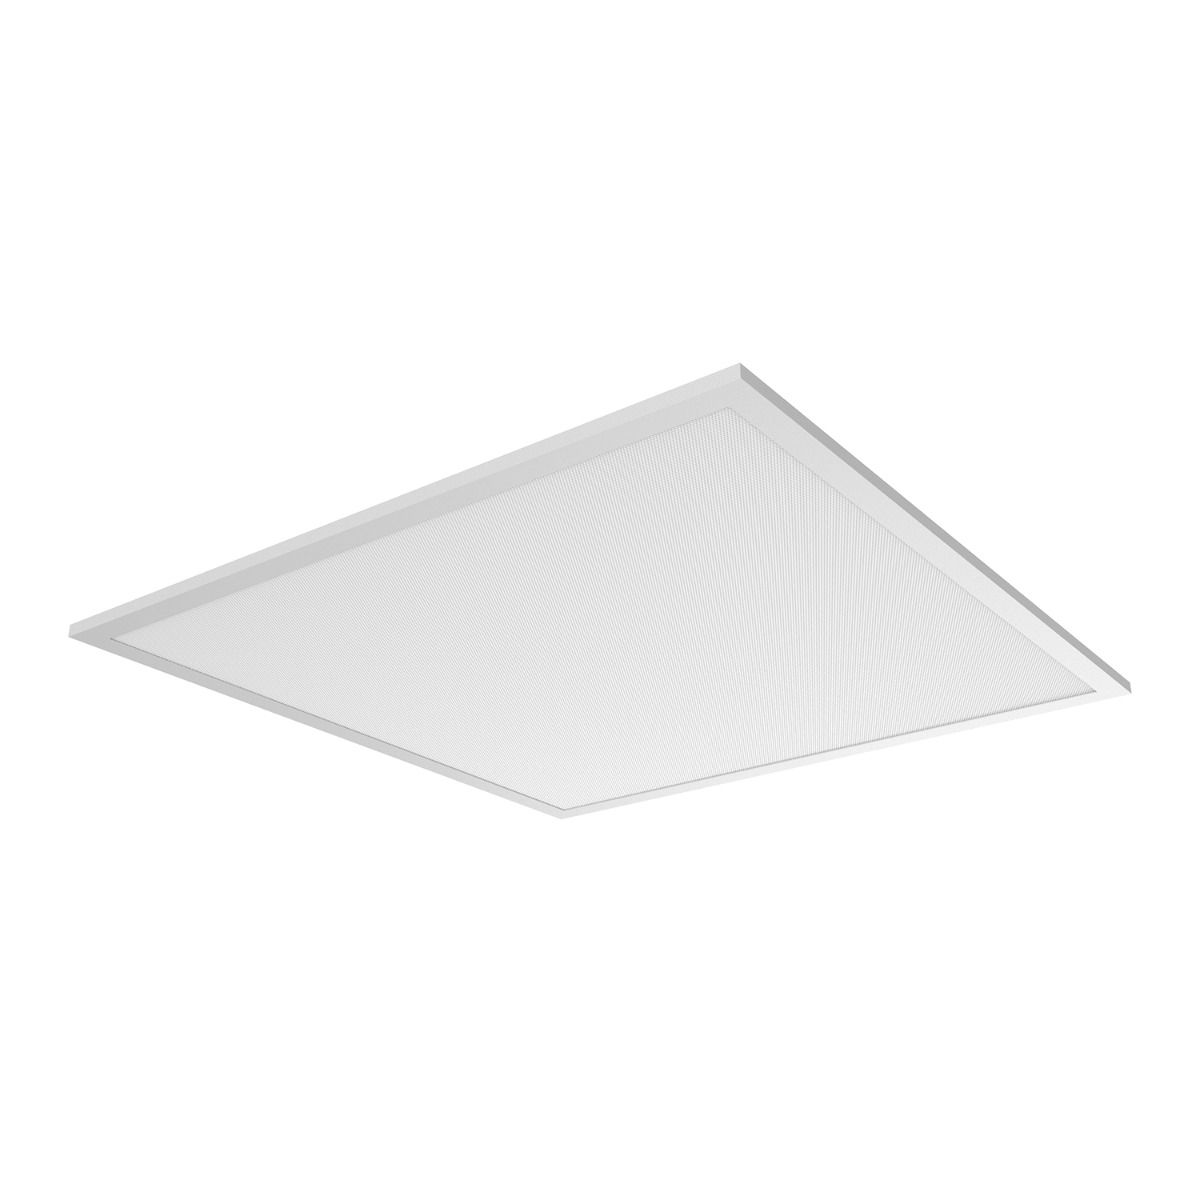 Noxion Panneau LED Delta Pro V3 30W 4000K 4070lm 60x60cm UGR <19 | Blanc Froid - Substitut 4x18W